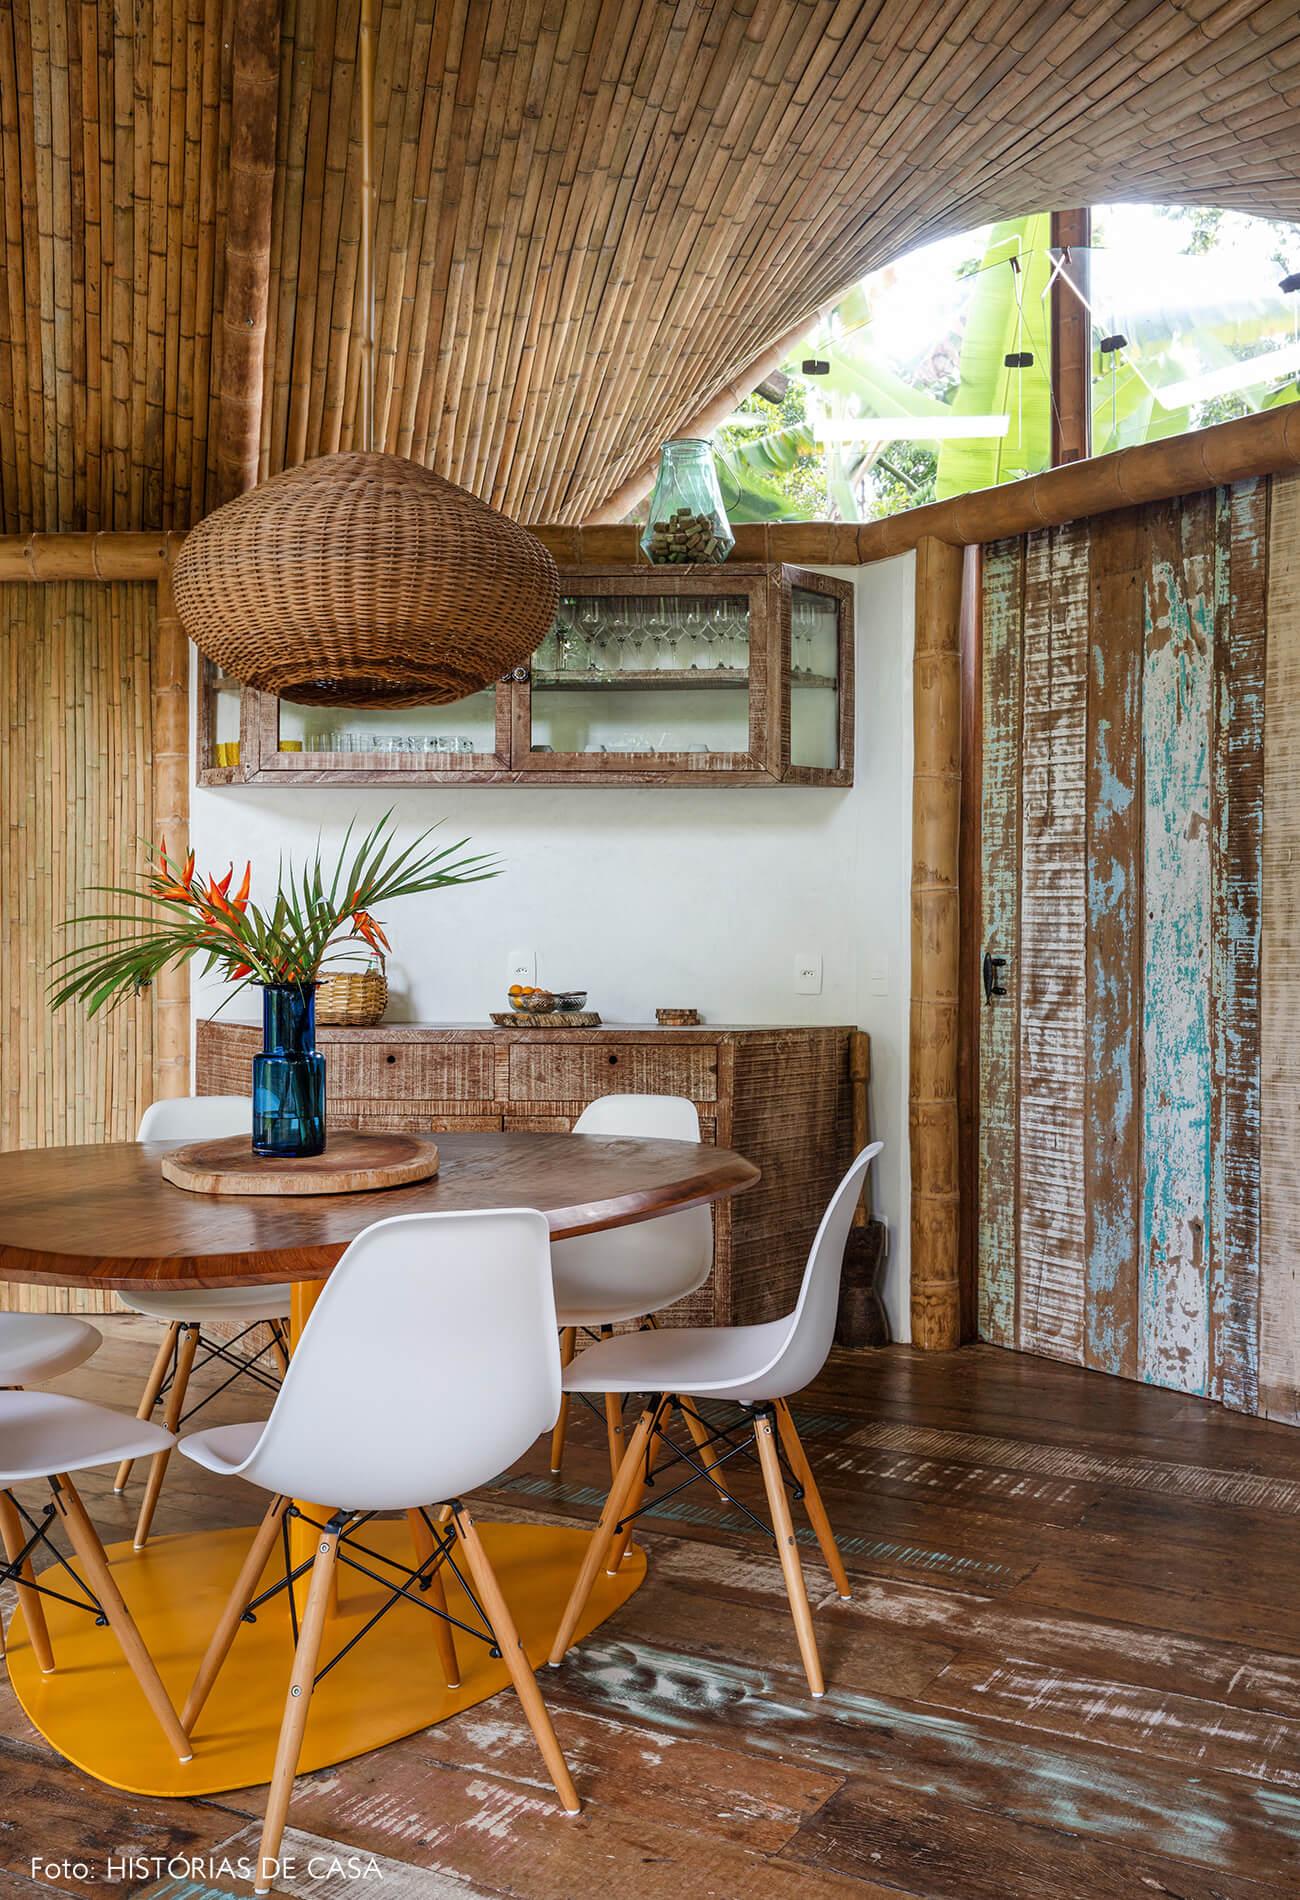 trancoso-vilasete-hotel-decoracao-51-sala-jantar-cadeira-eames-branca-mesa-madeira-amarela-vaso-vidro-luminaria-palha